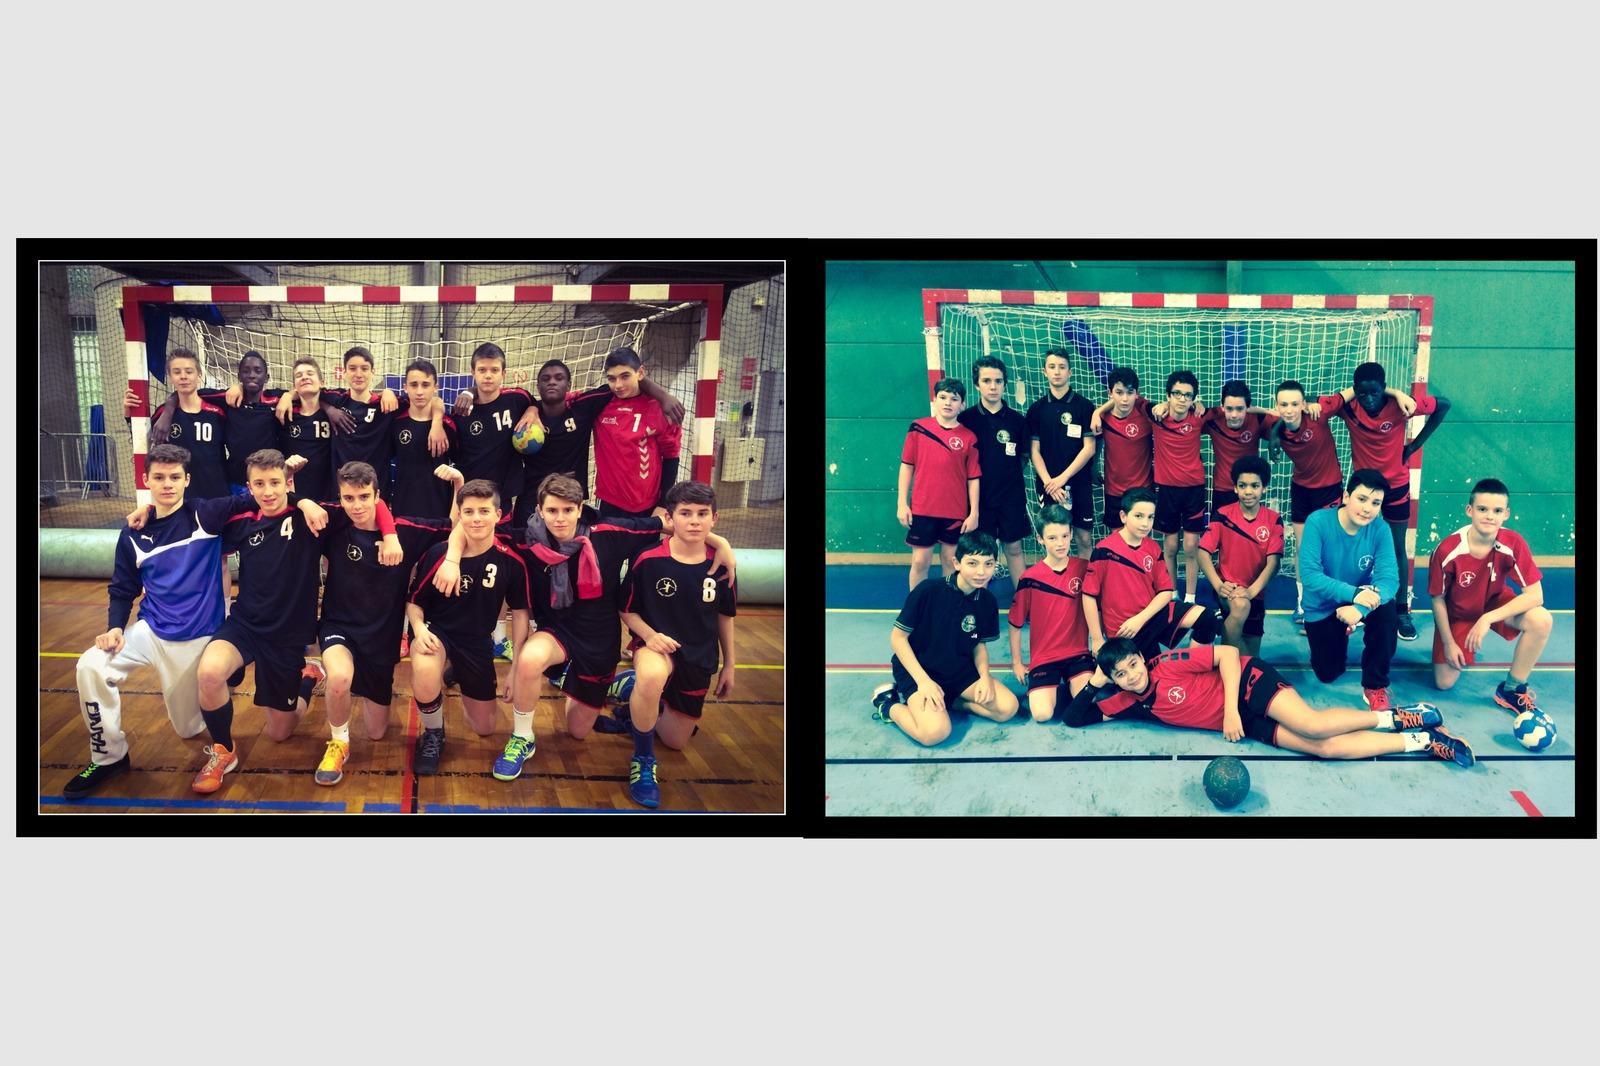 dd4c7e6f8bc2a evfevent le-college-monthety-au-rythme-du-mondial-de-handball-2017-en-france 627834.jpg